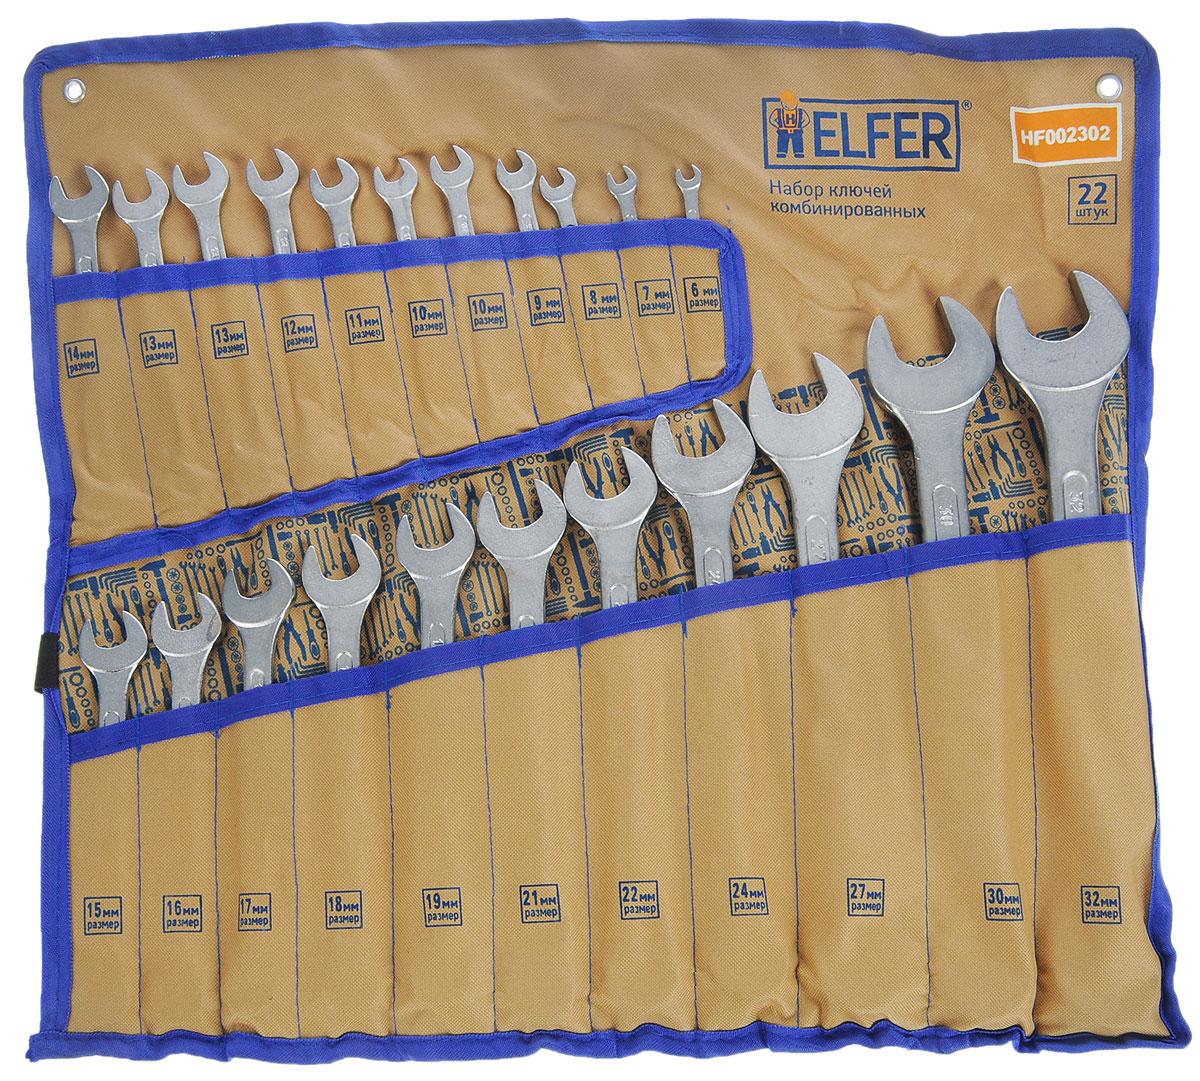 Набор комбинированных гаечных ключей Helfer, 23 предмета21395599Набор Helfer включает 22 комбинированных гаечных ключа, выполненных из качественной стали. Благодаря правильному подбору материала и параметров технологического процесса ключи выдерживают высокие нагрузки, устойчивы к истиранию рабочих граней. Применяются для работ с шестигранным крепежом. Комбинированный гаечный ключ - незаменимый инструмент при сборке и разборке любых металлических конструкций. Он сочетает в себе рожковый и накидной гаечные ключи. Первый нужен для работы в труднодоступных местах, второй более эффективен при отворачивании тугого крепежа. Для хранения набора предусмотрен текстильный чехол-органайзер.